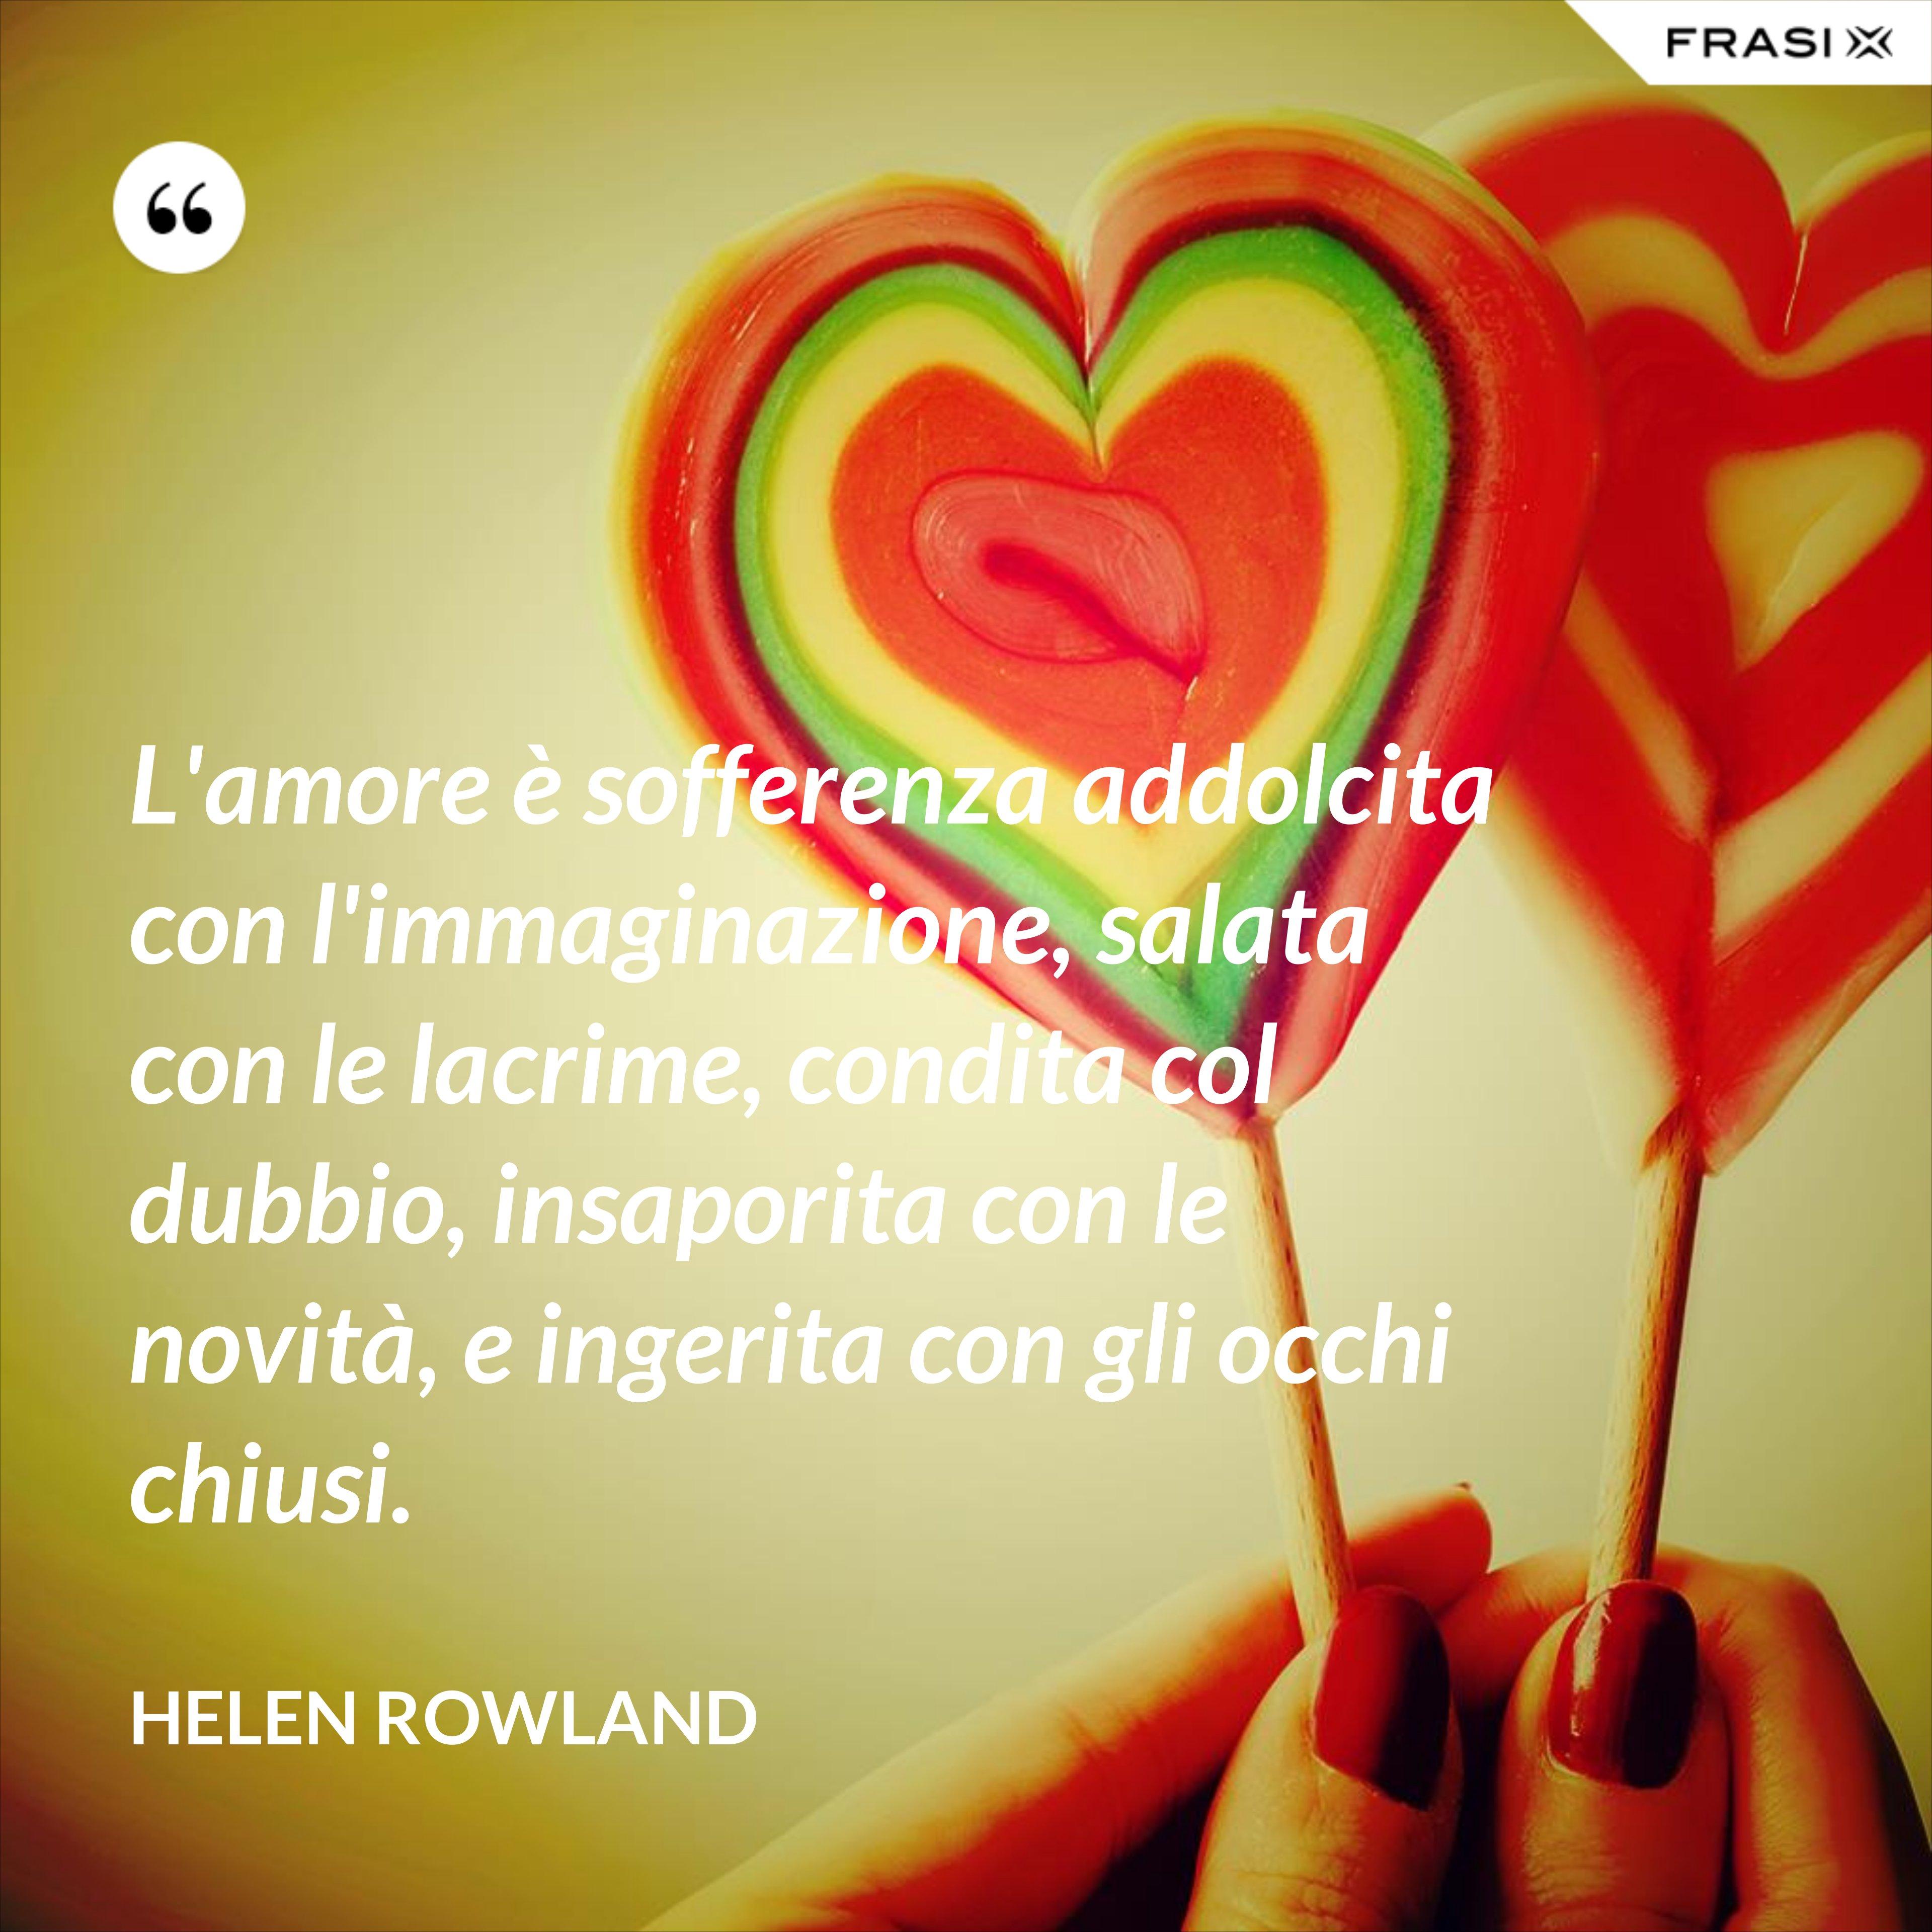 L'amore è sofferenza addolcita con l'immaginazione, salata con le lacrime, condita col dubbio, insaporita con le novità, e ingerita con gli occhi chiusi. - Helen Rowland